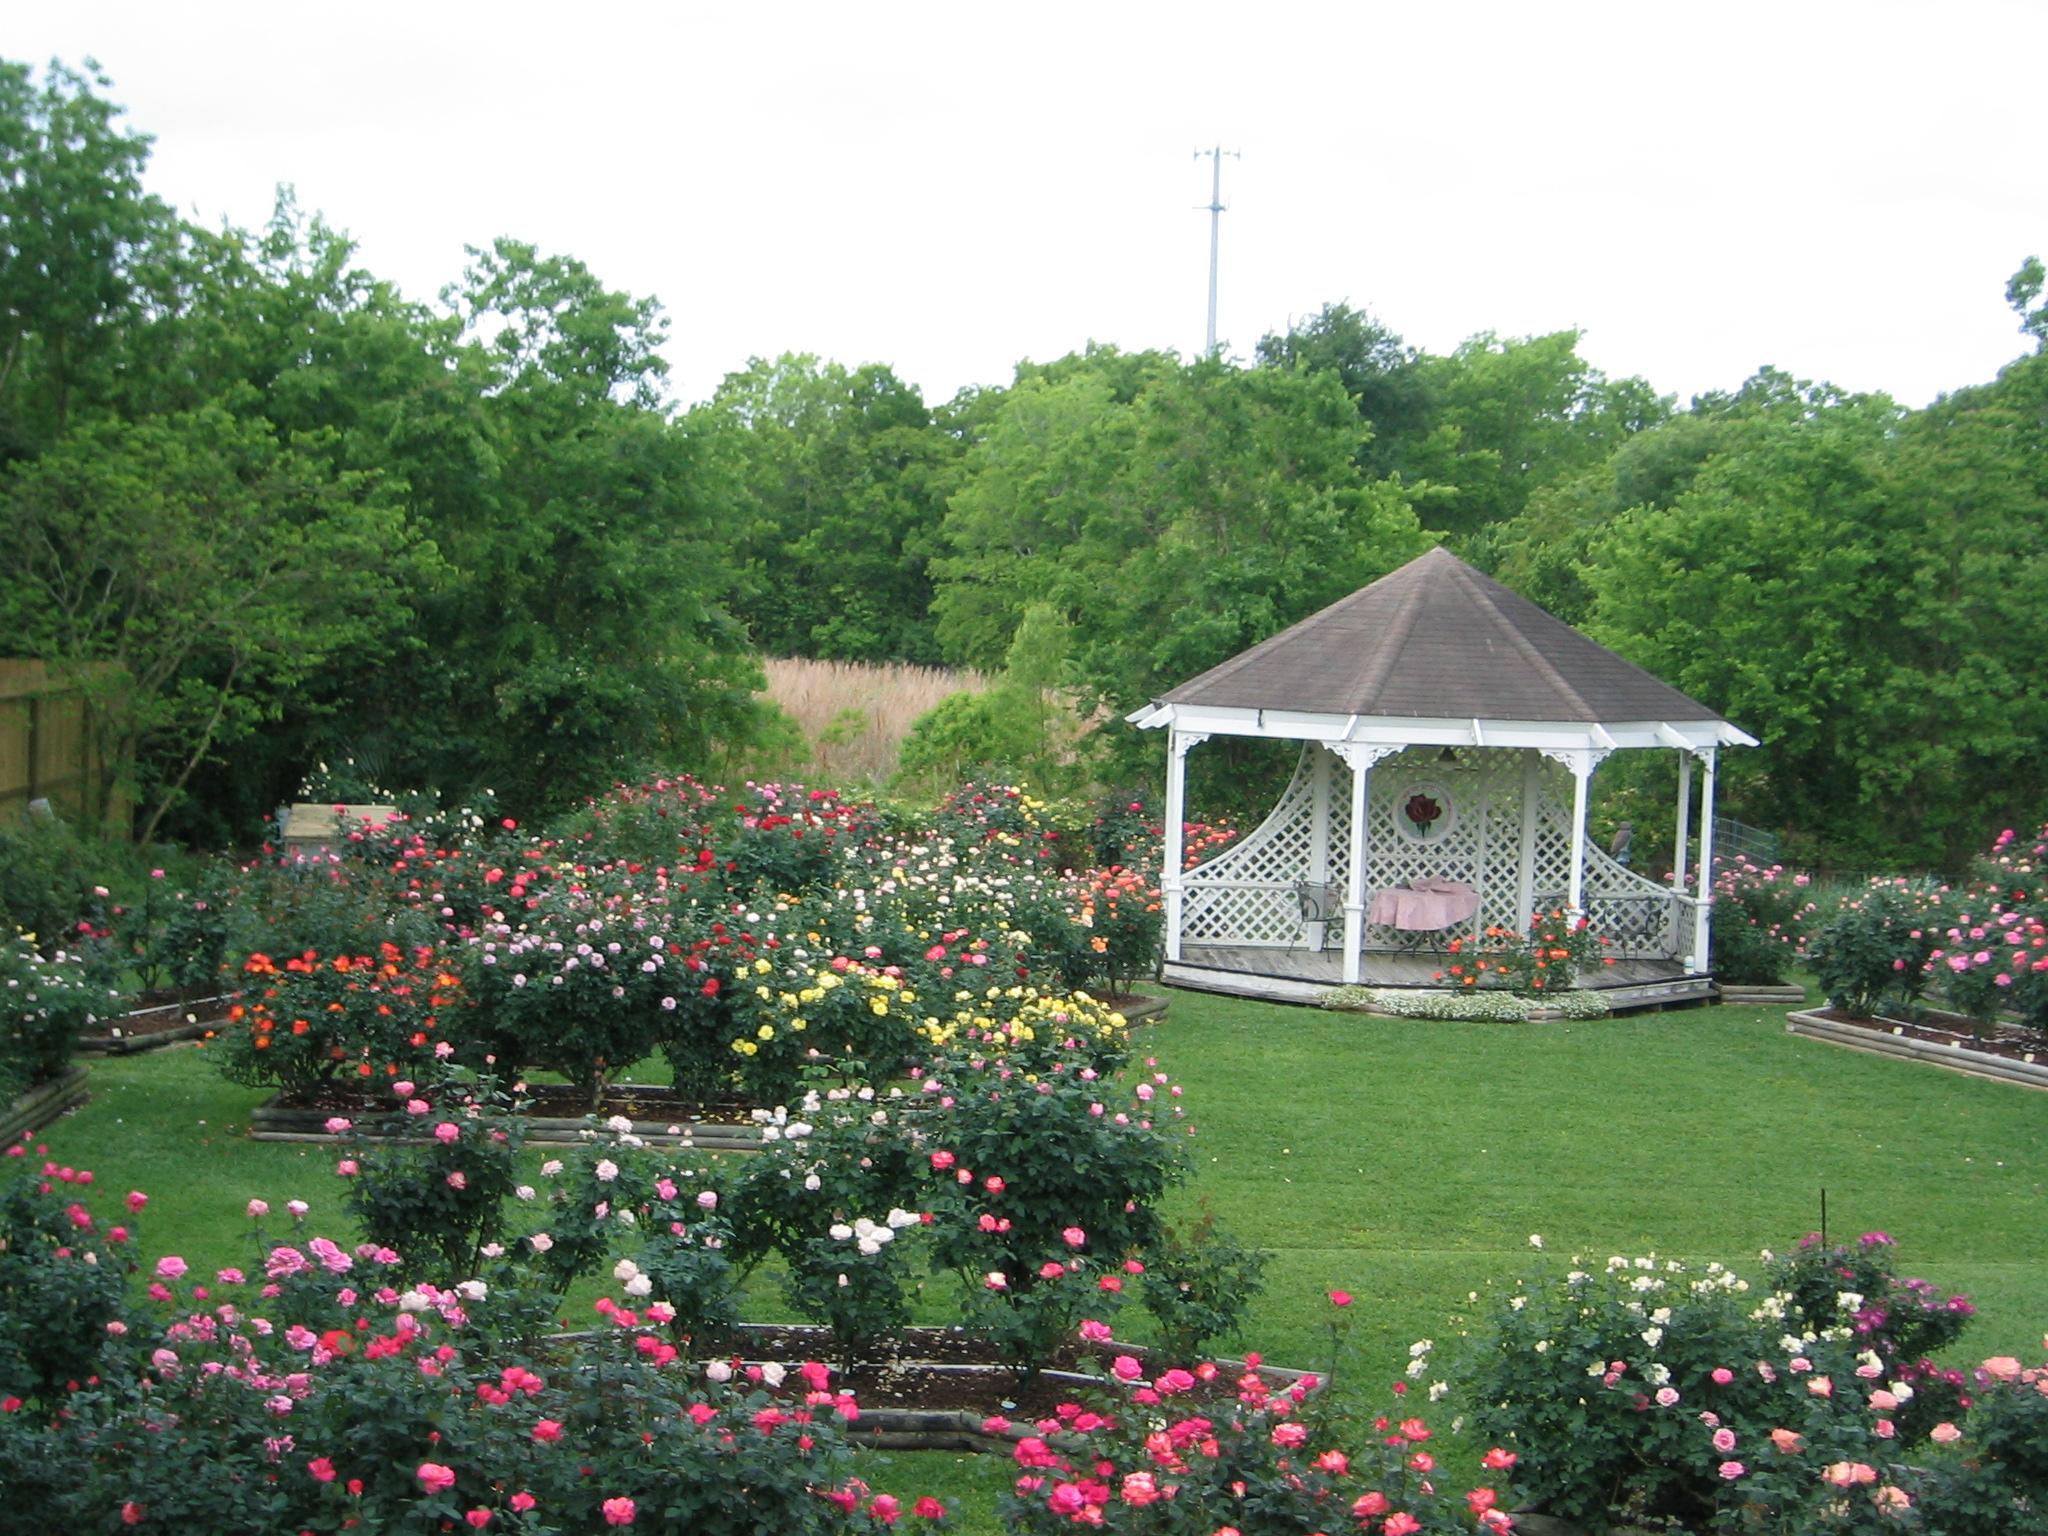 Rose garden shreveport garden ftempo for The gardens of the american rose center